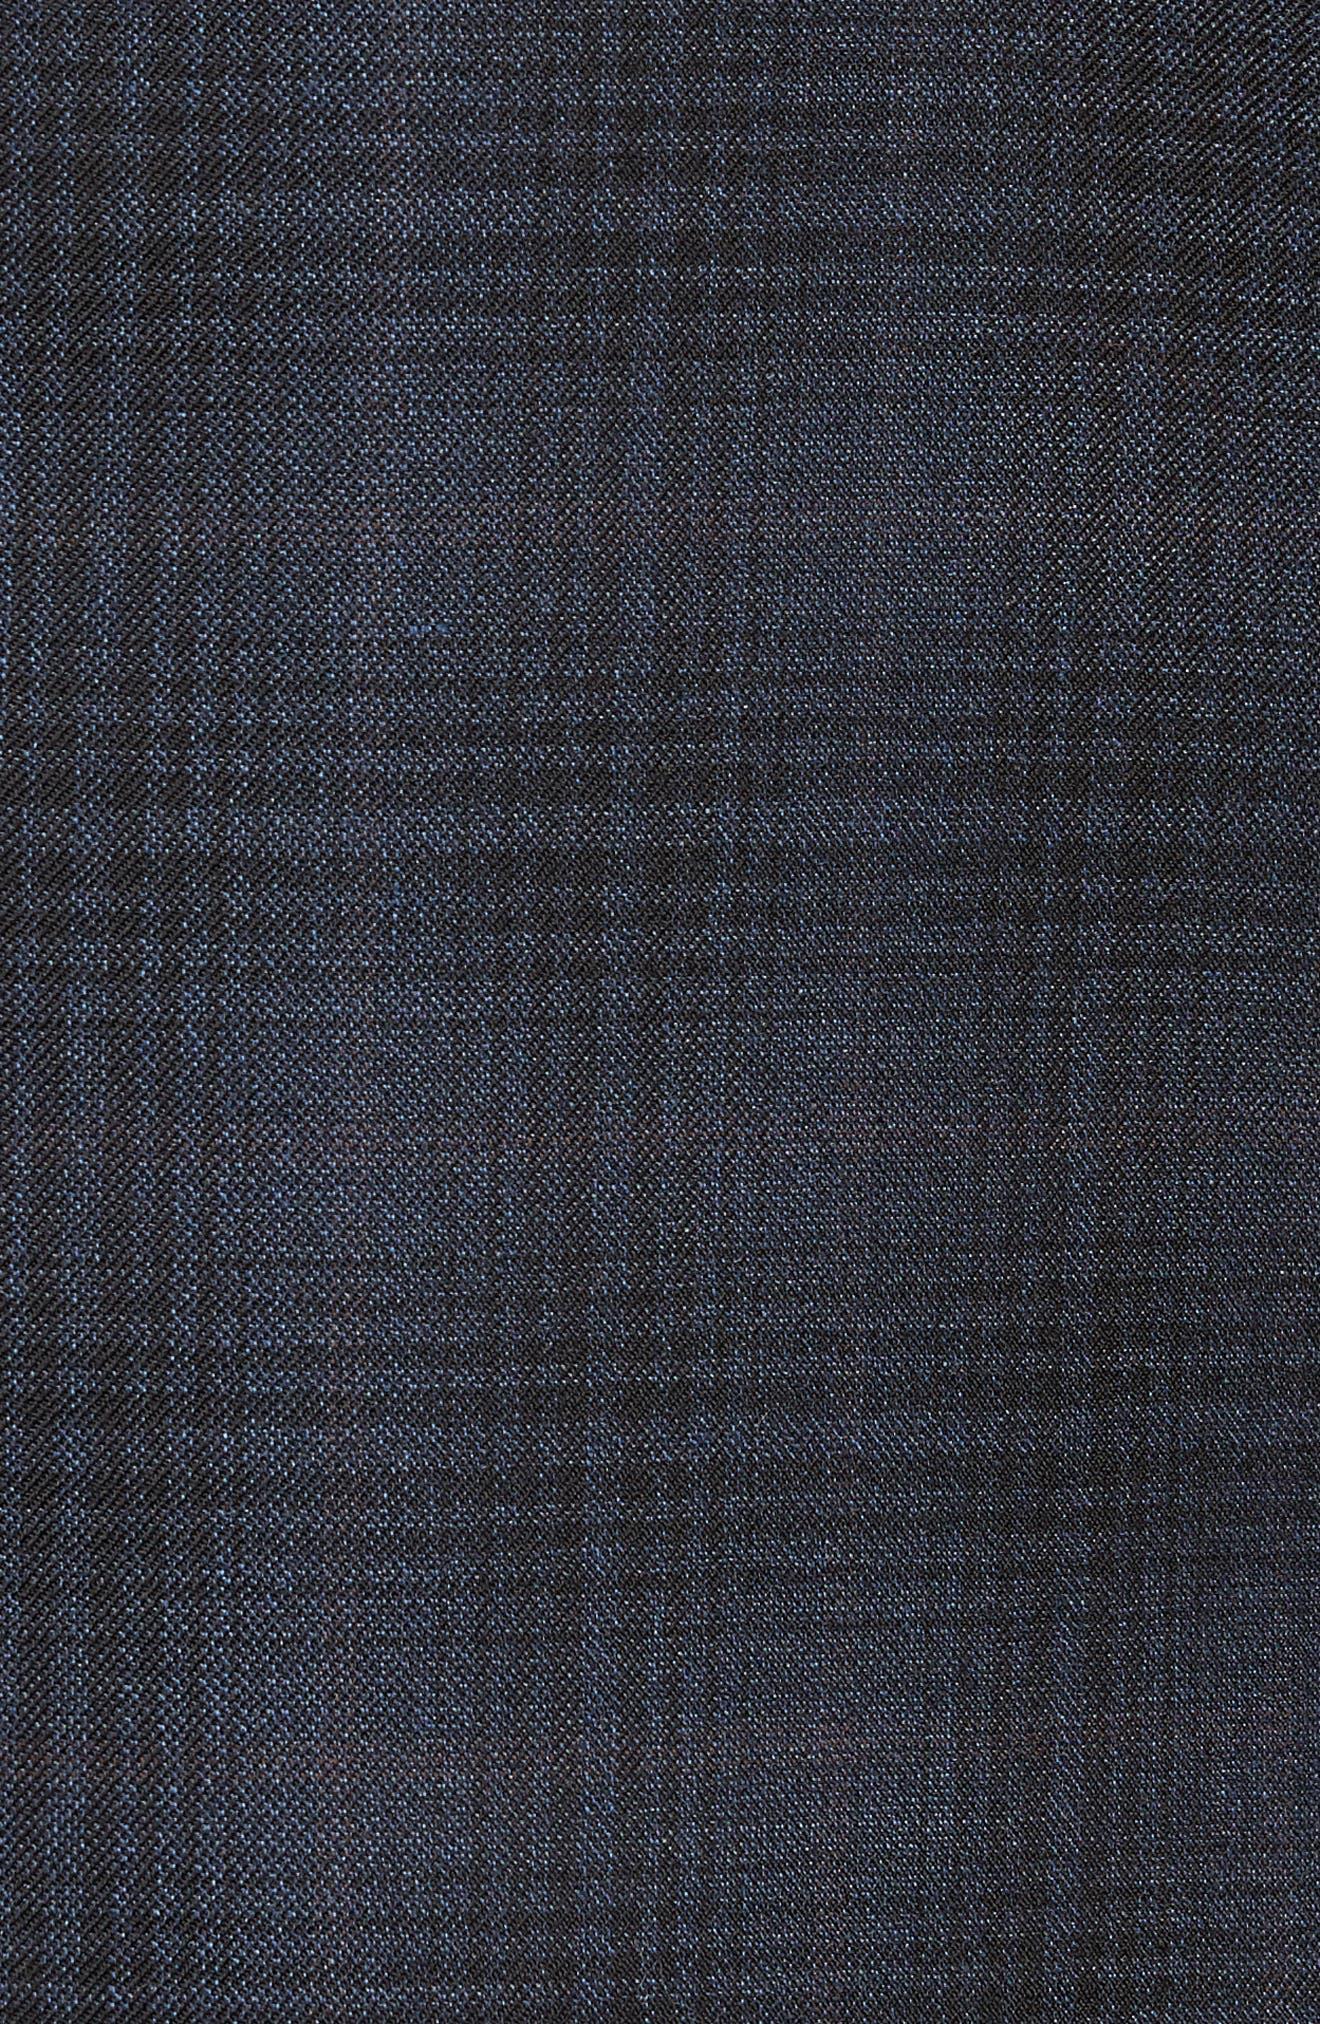 Trim Fit Shadow Plaid Sport Coat,                             Alternate thumbnail 6, color,                             NAVY